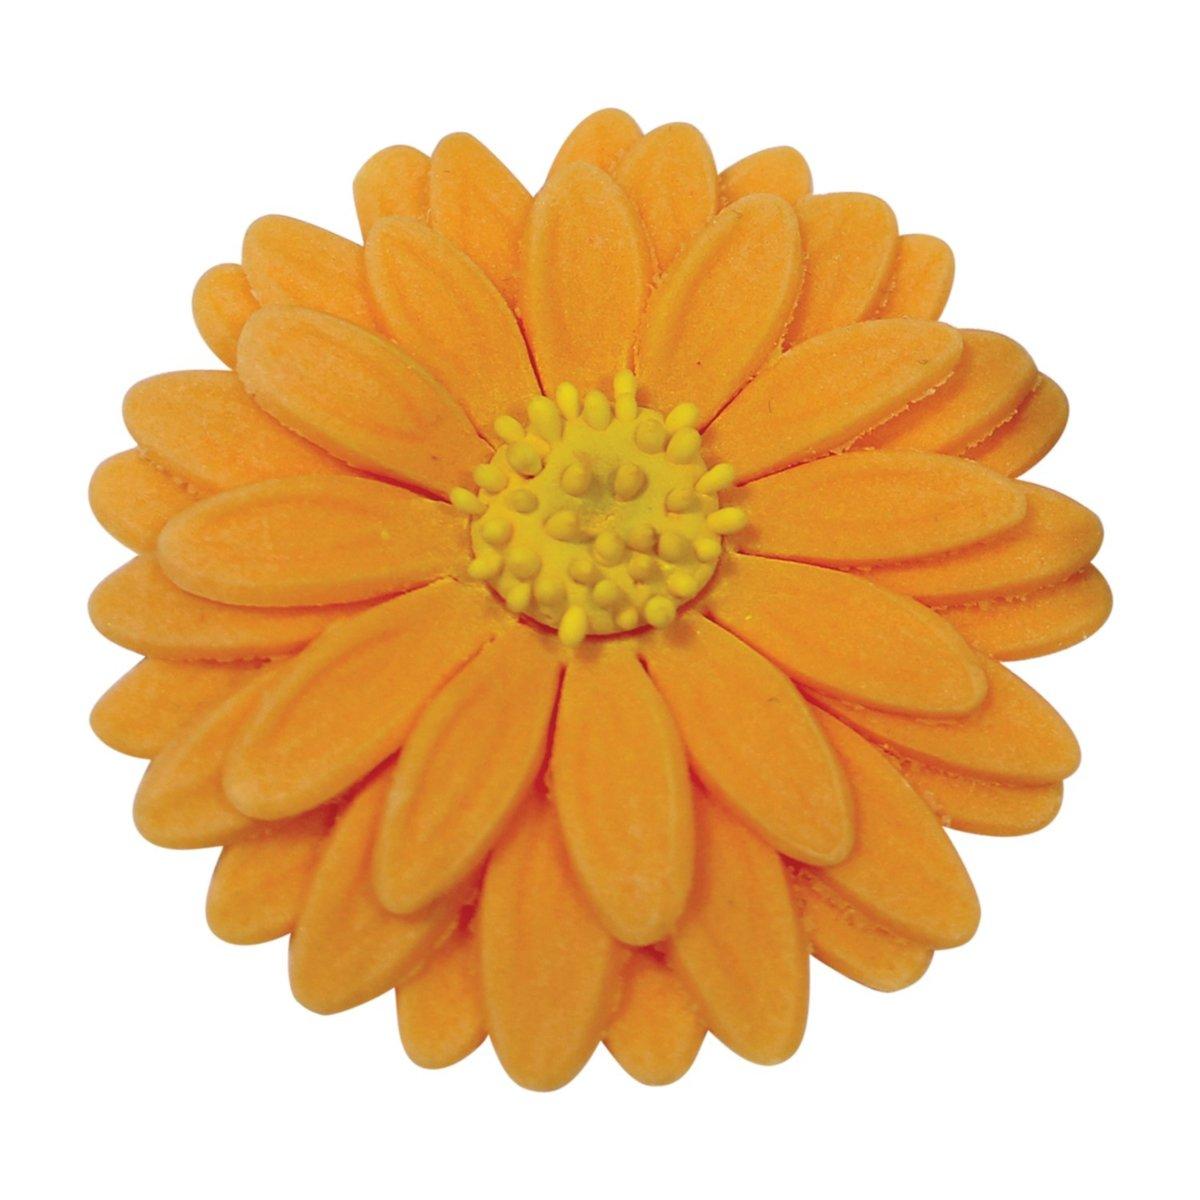 Σετ 3 κουπάτ με έμβολο ηλιοτρόπιο (sunflower)